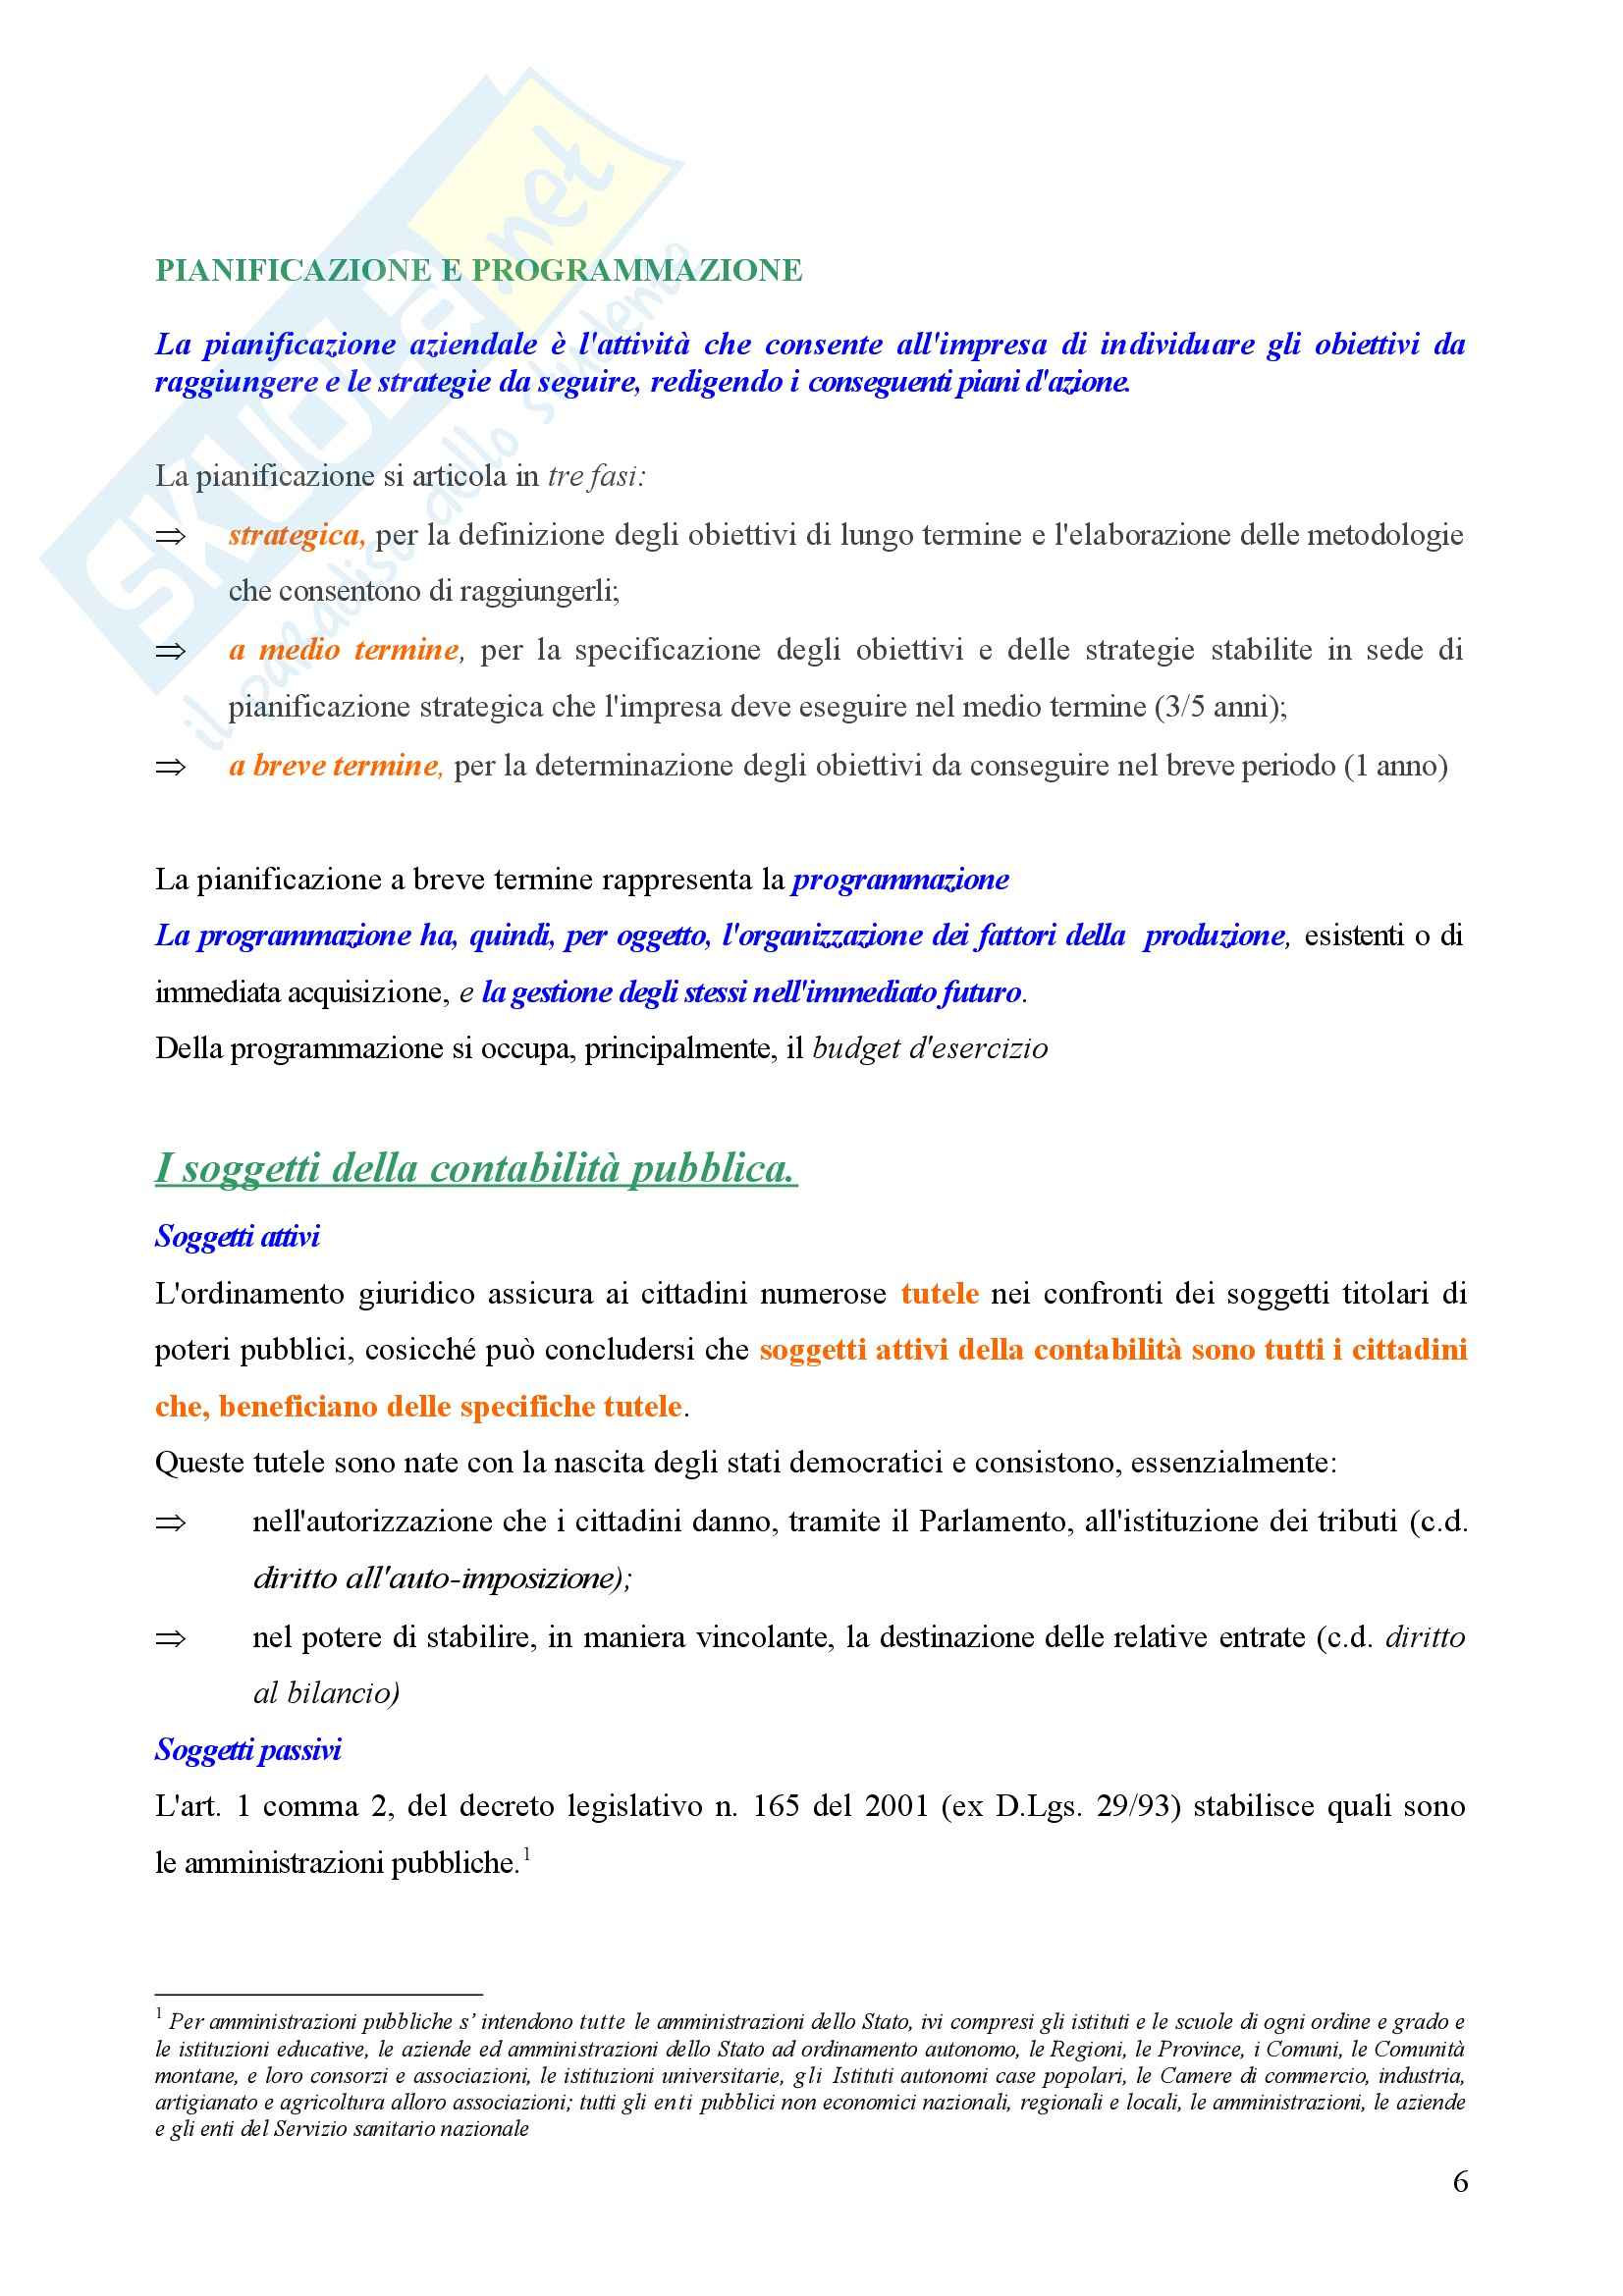 Contabilità pubblica - Compendio Pag. 6